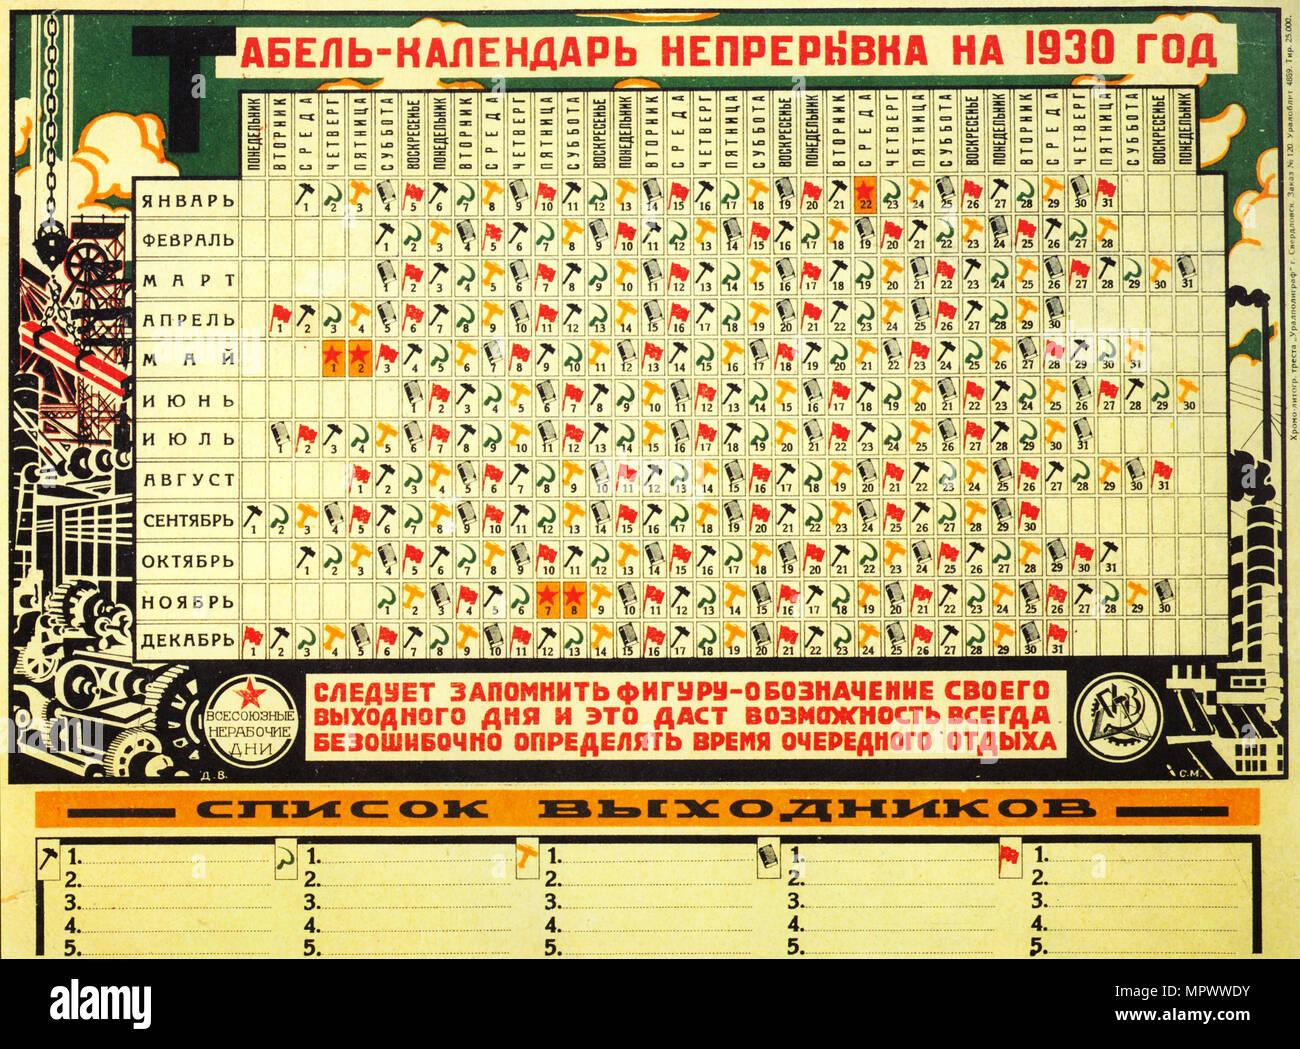 Calendario 1929.Calendario Sovietico De 1930 Con La Semana Laboral De Cinco